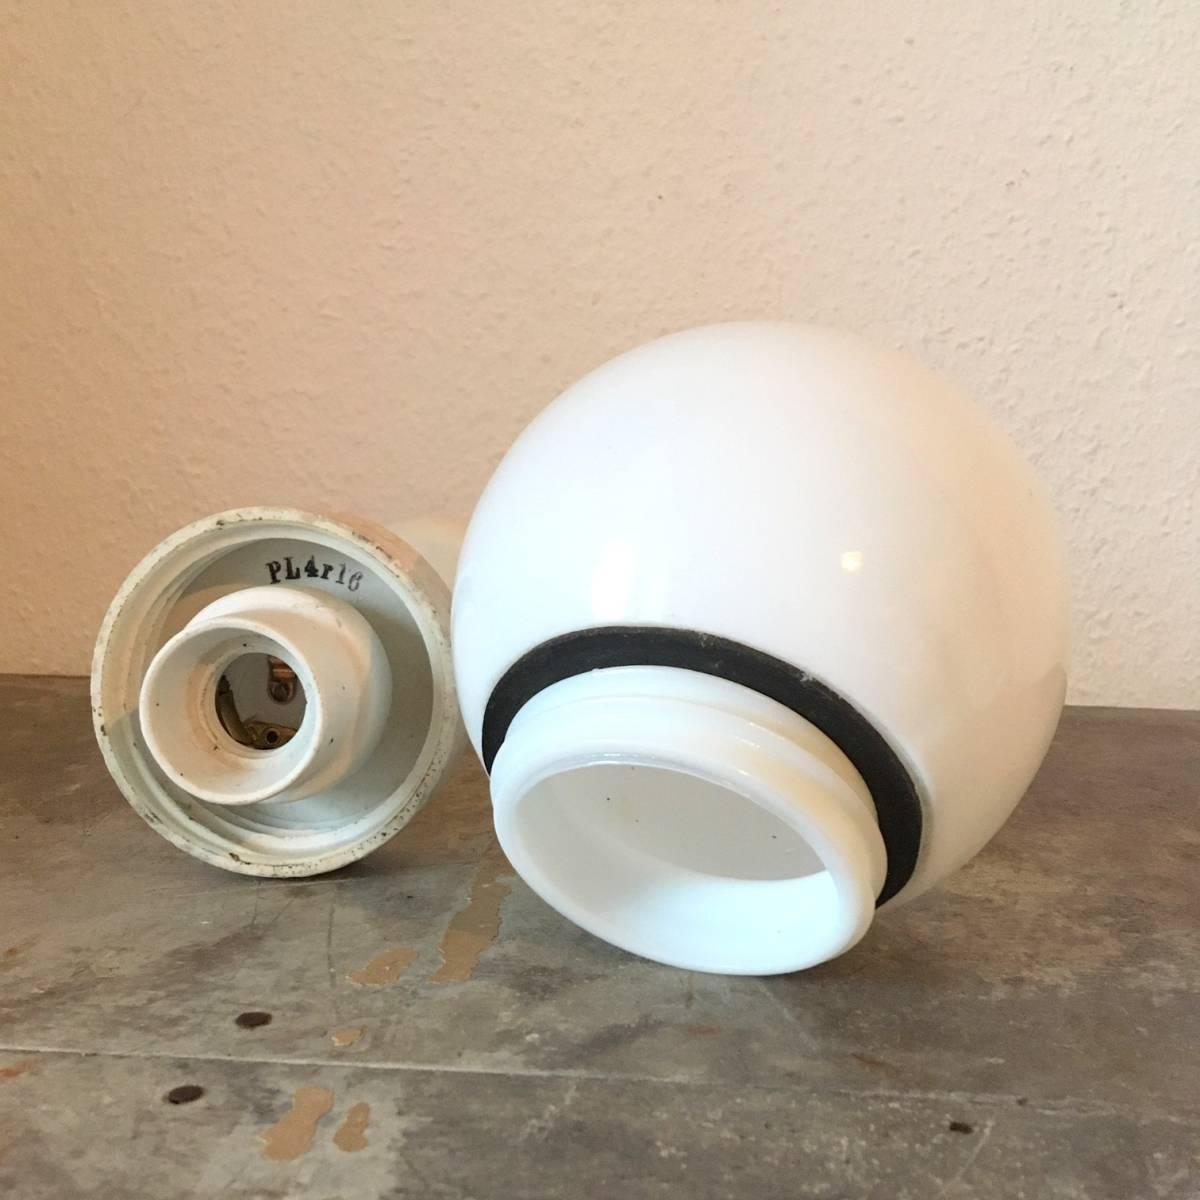 希少 ドイツ ヴィンテージ siemens 陶器 ミルクガラス ランプ 照明 真鍮 バウハウス 工業系 店舗什器 シャビー古道具 小物 家具 北欧 白_画像8